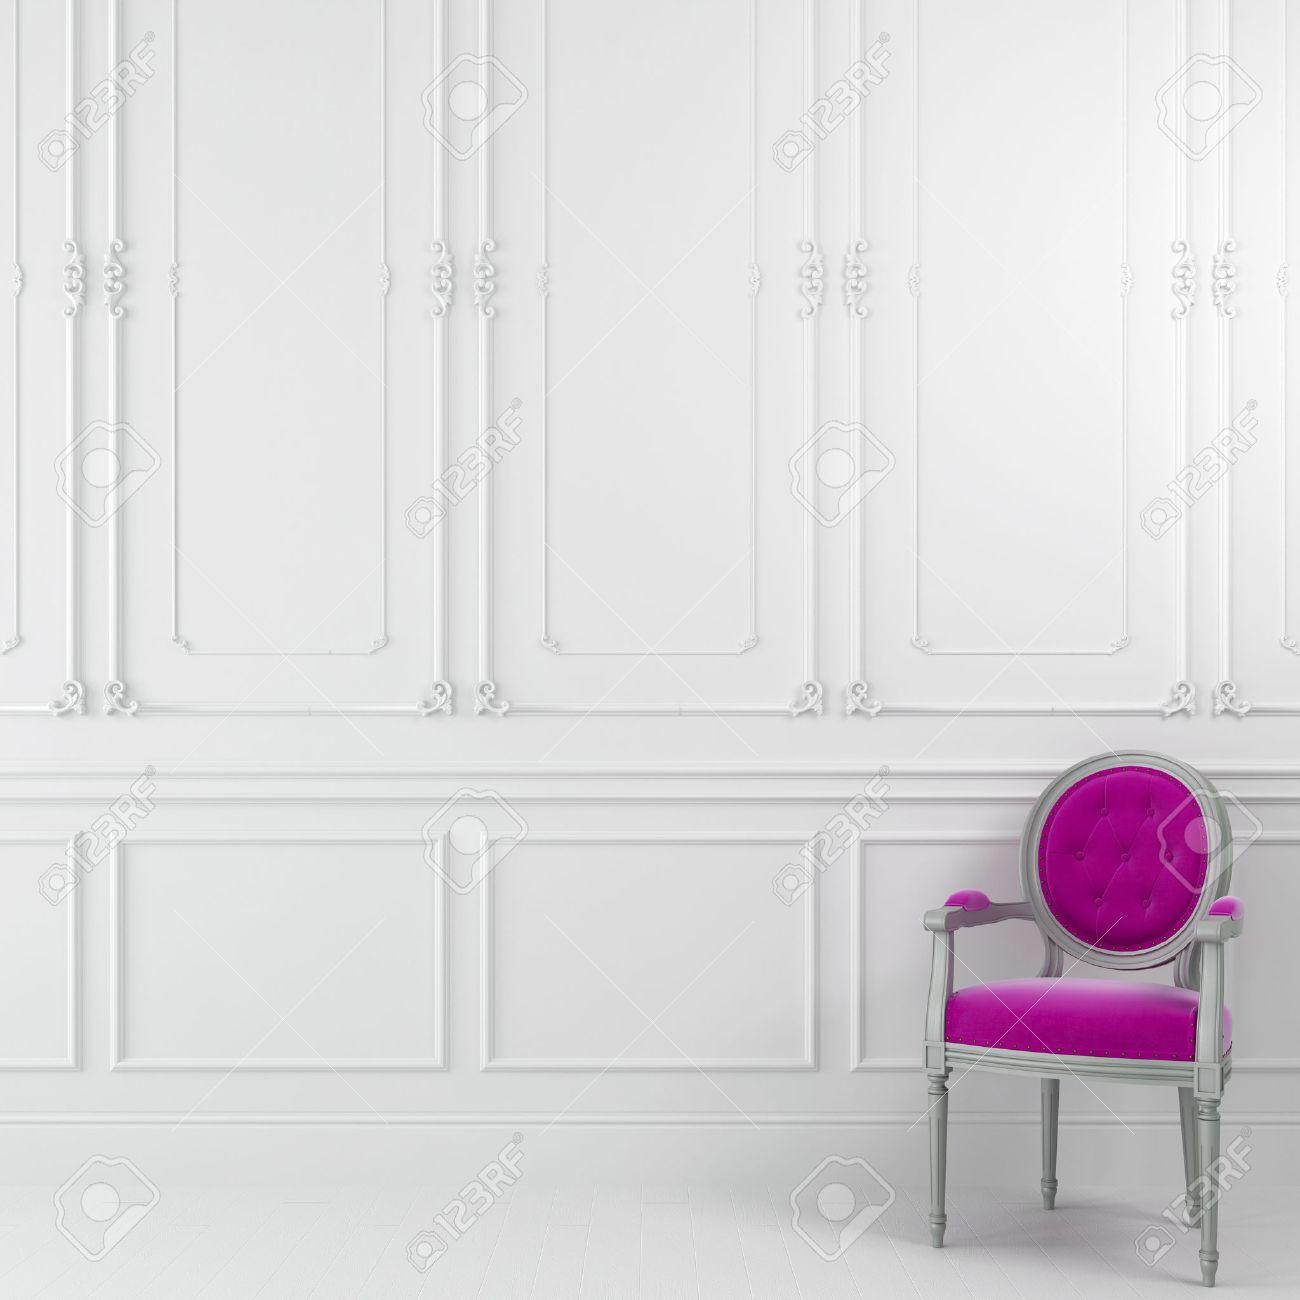 Chaise Classique Rose Contre Un Mur Blanc Avec Des Moulures Banque ...